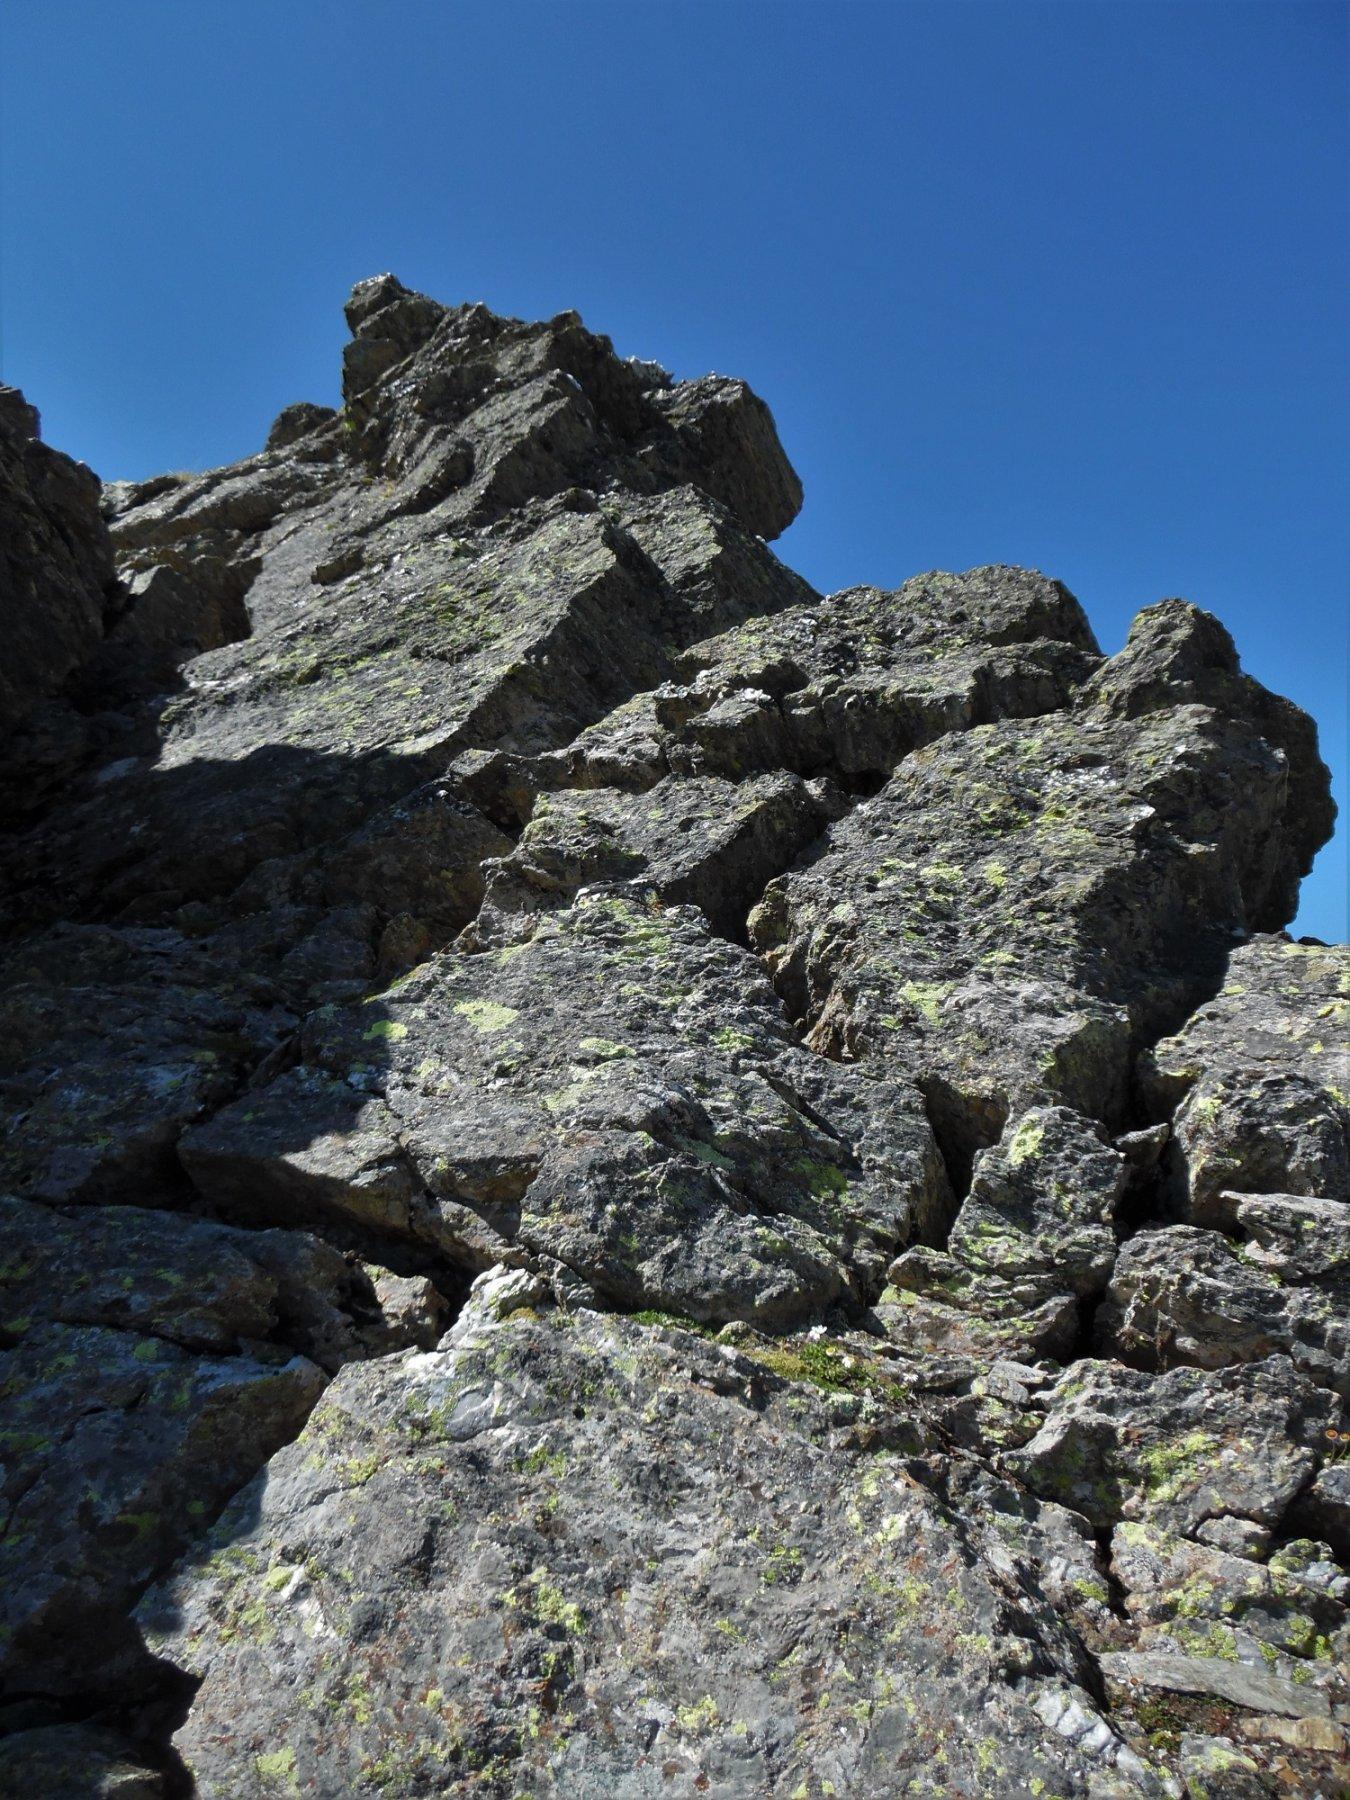 Uno dei due brevi camini lungo la cresta